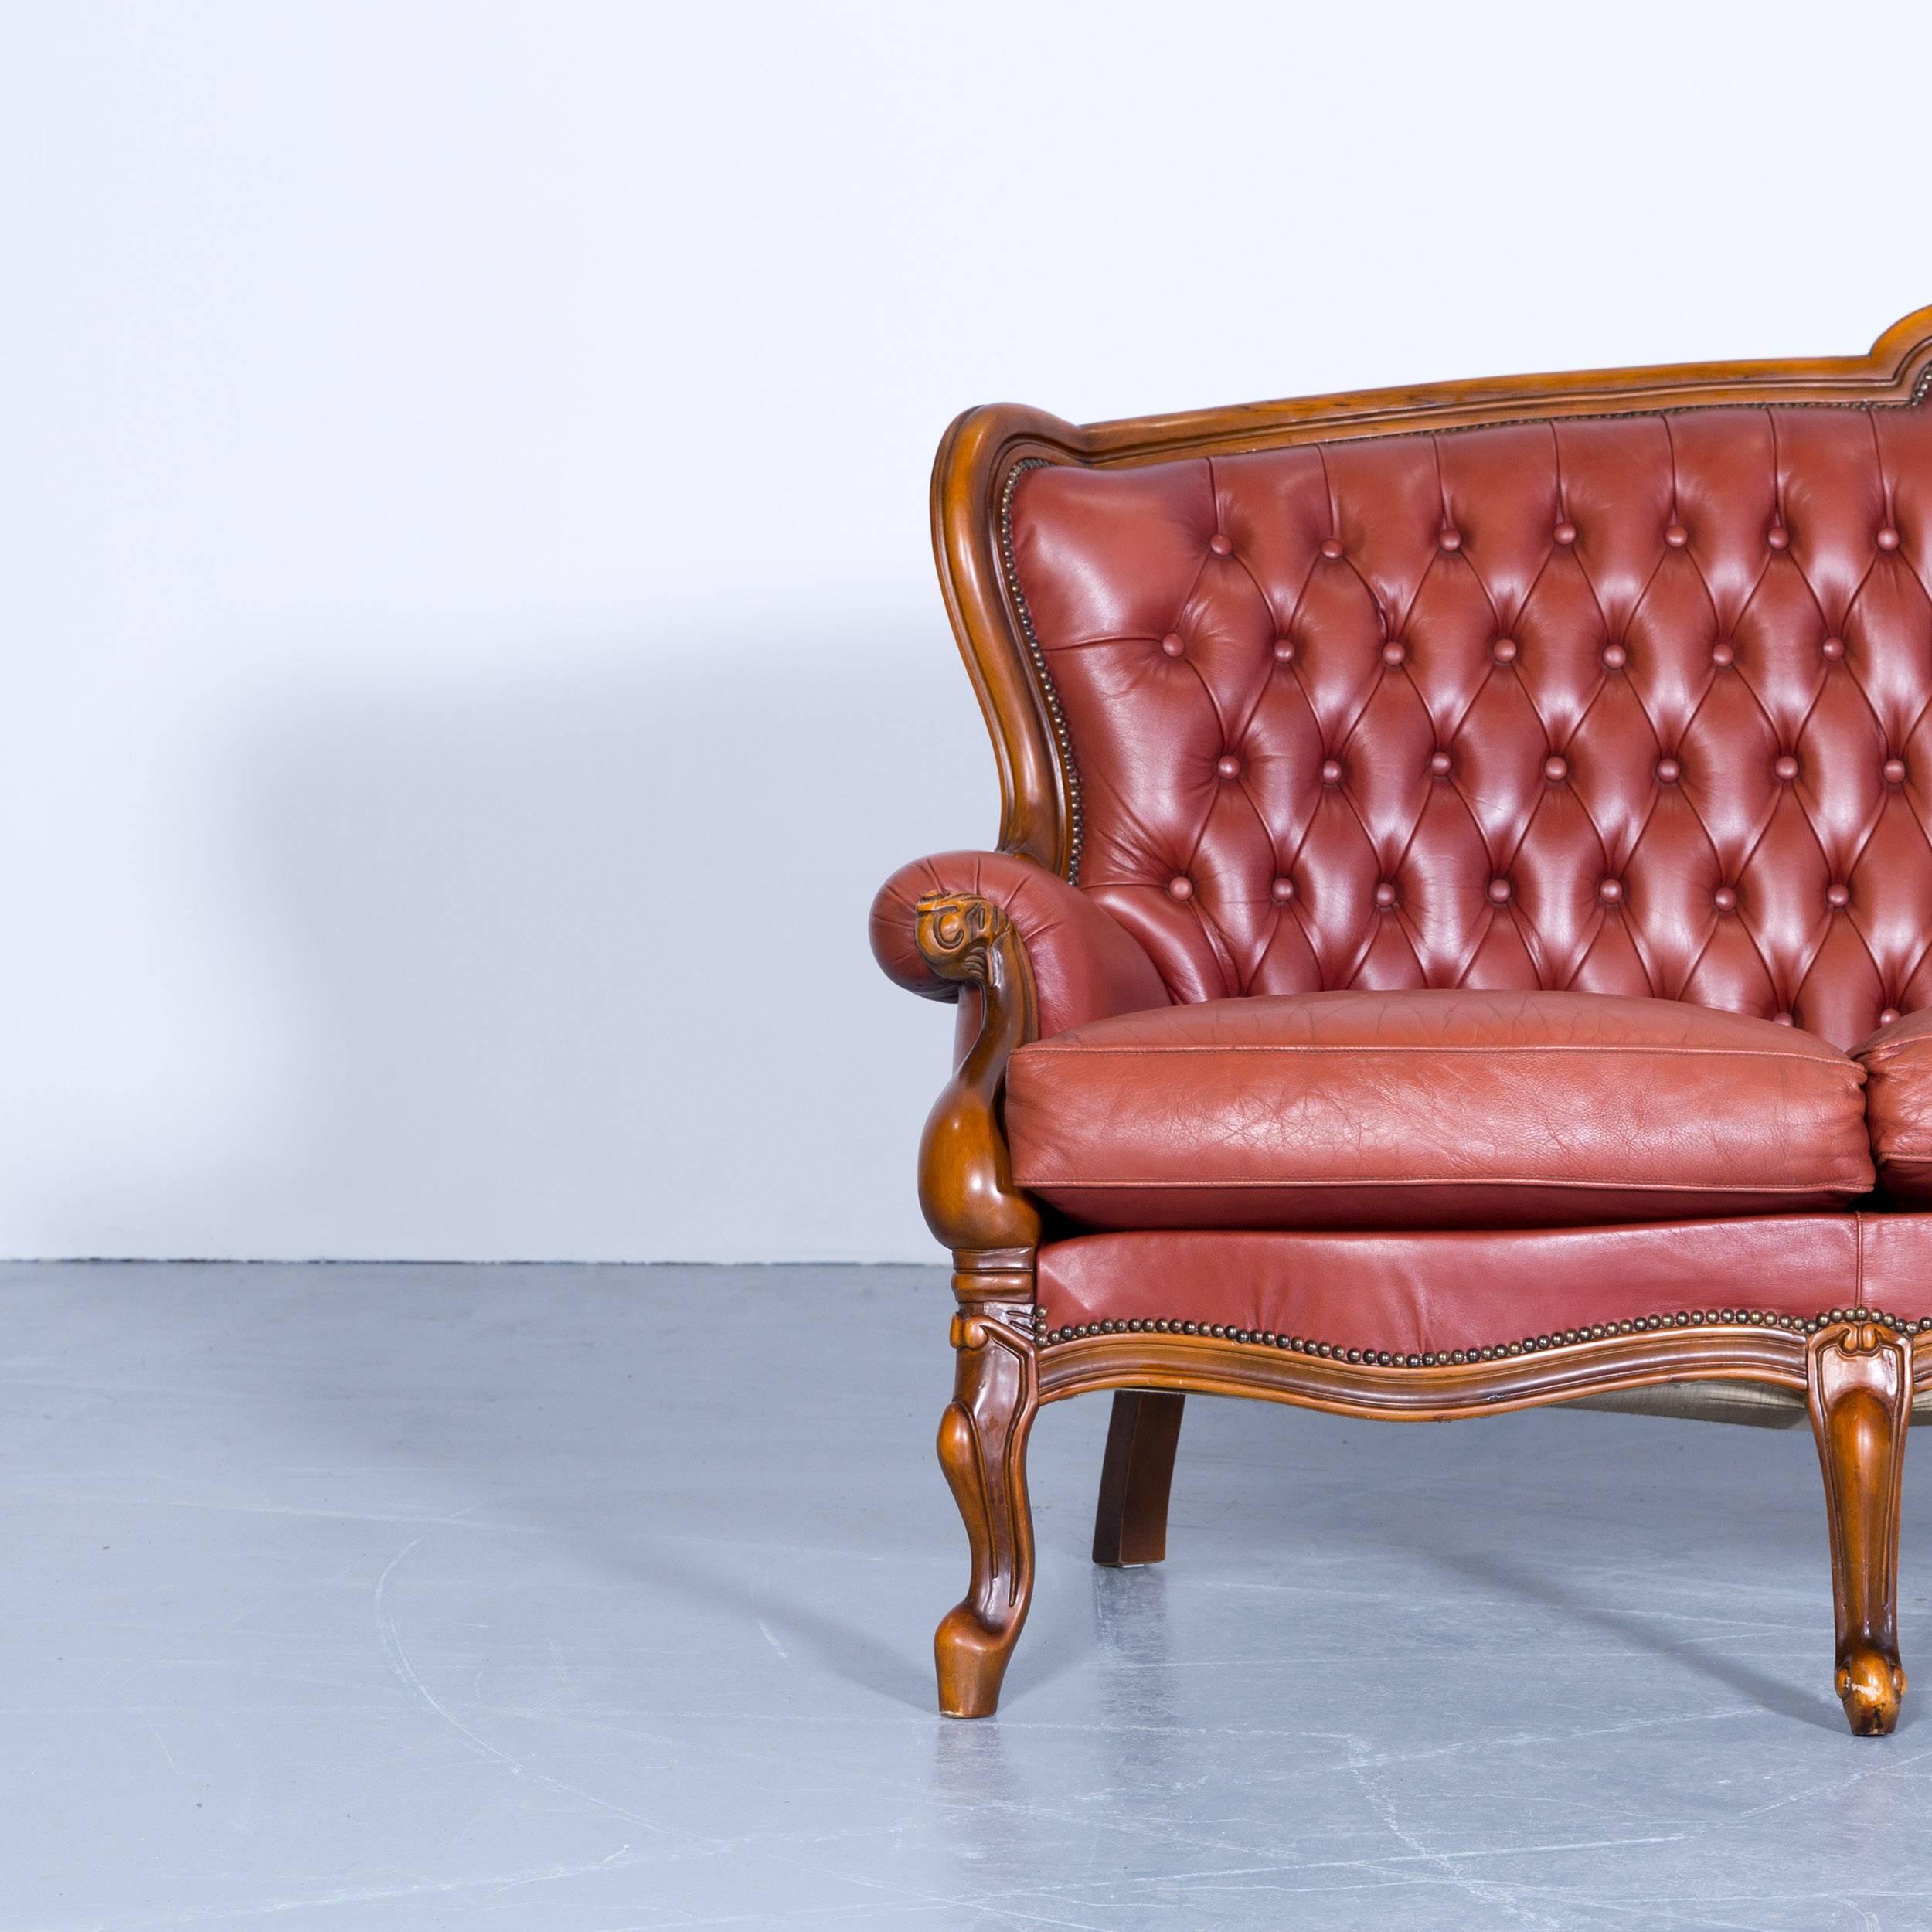 Xxl Sofa Carcassonne Online Kaufen Mirabeau Schlafsofa Kleine Rume